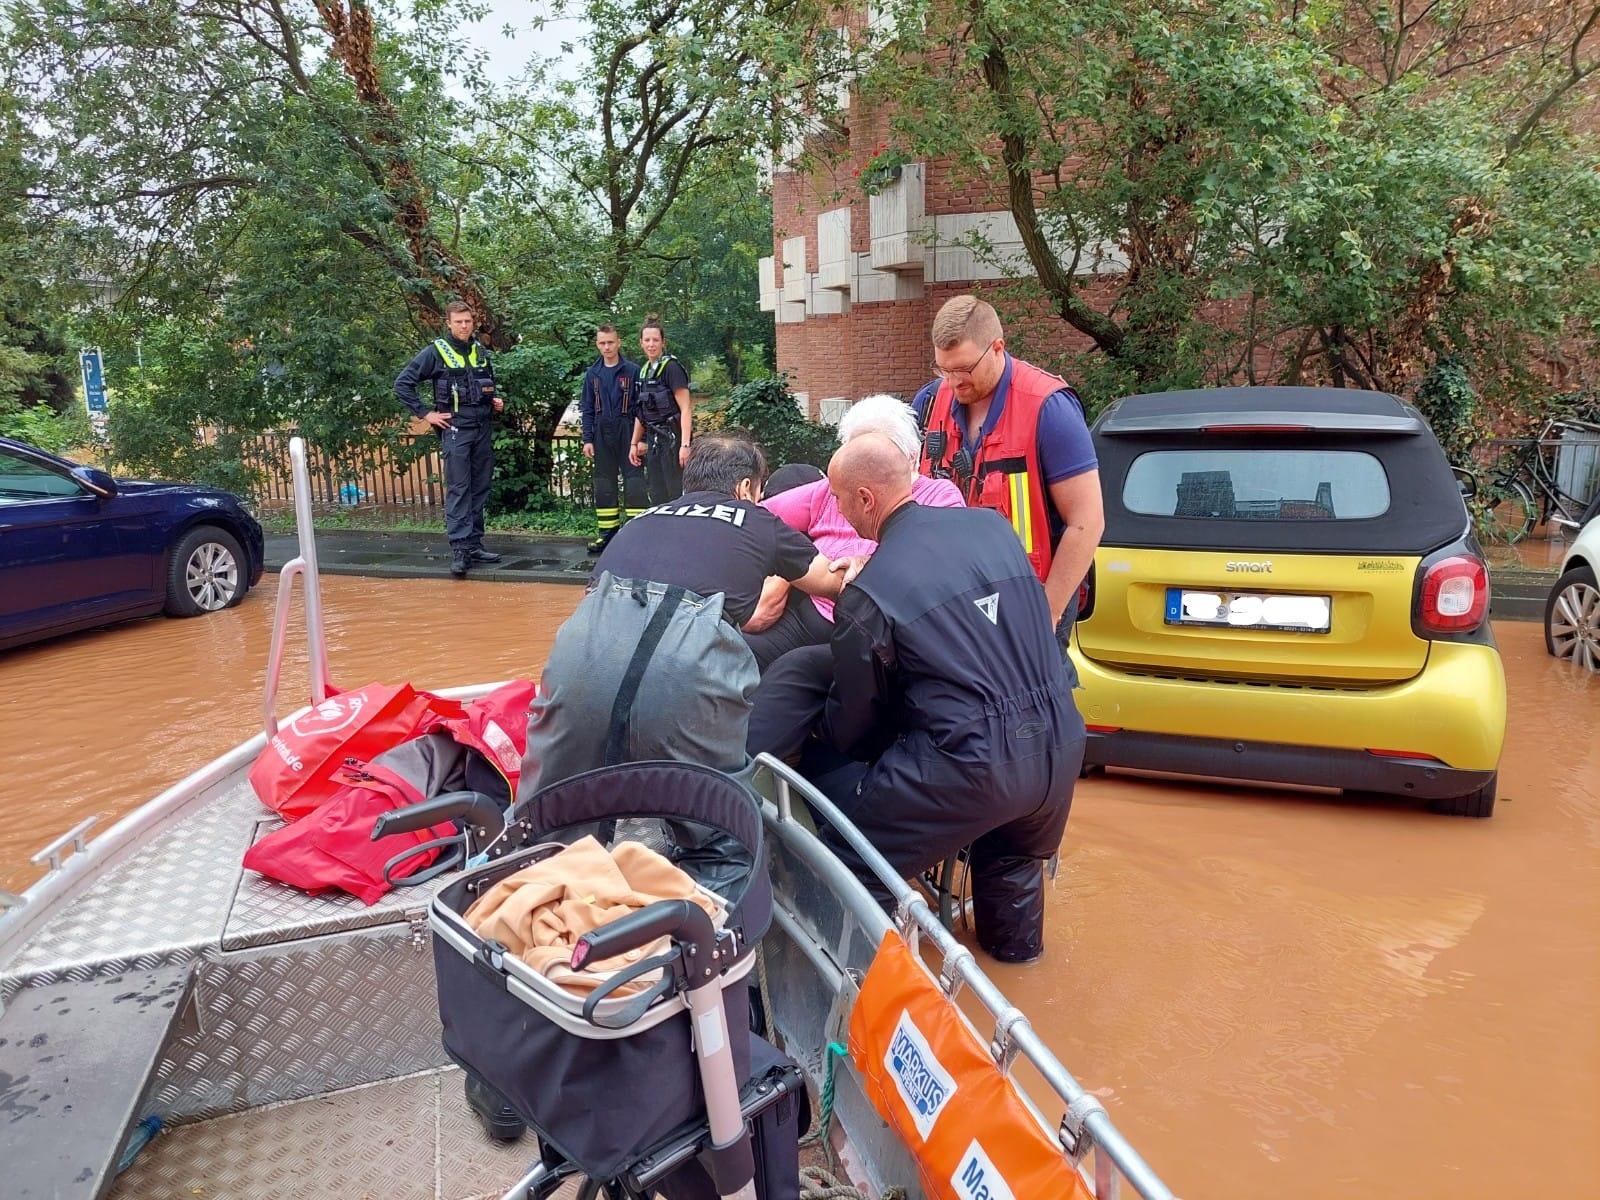 Fluthelfer von DLRG und Feuerwehr heben eine ältere Dame in ein Rettungsboot in einer überfluteten Straße